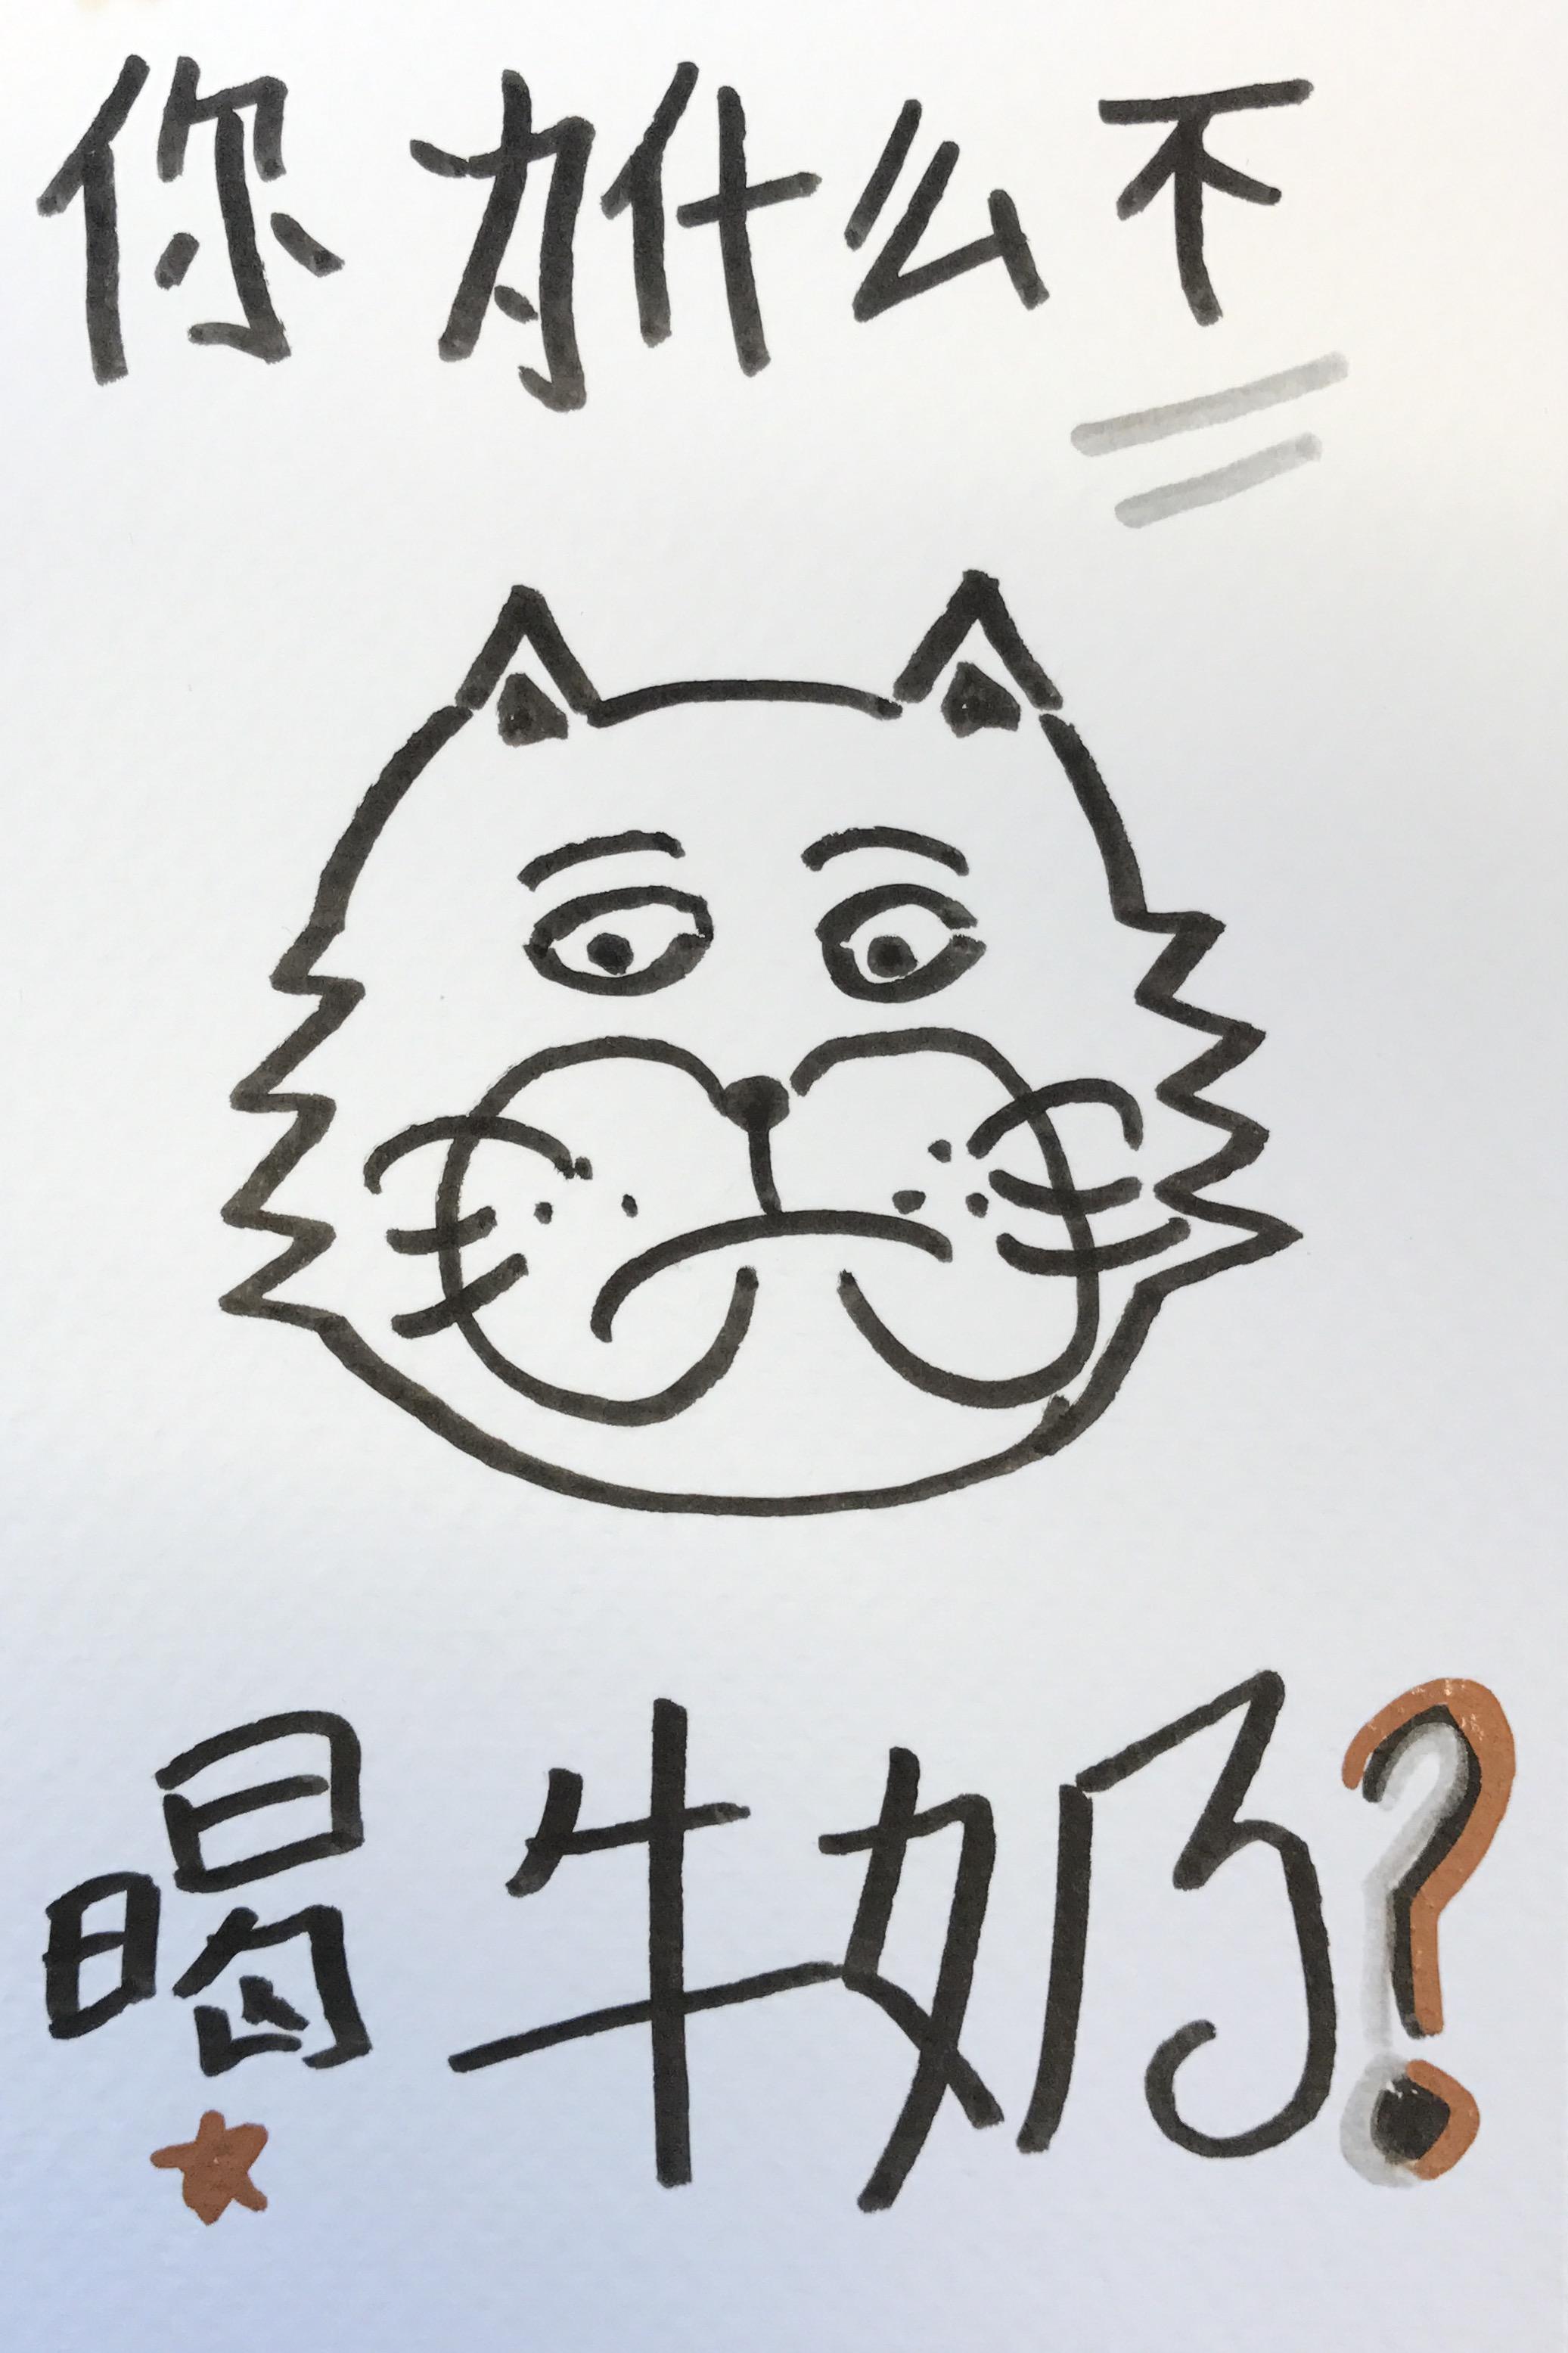 你为什么不喝牛奶 汉语 中国 猫子 描く かわいい コミックス ペン art drawing comic manga cartoon ink kawaii